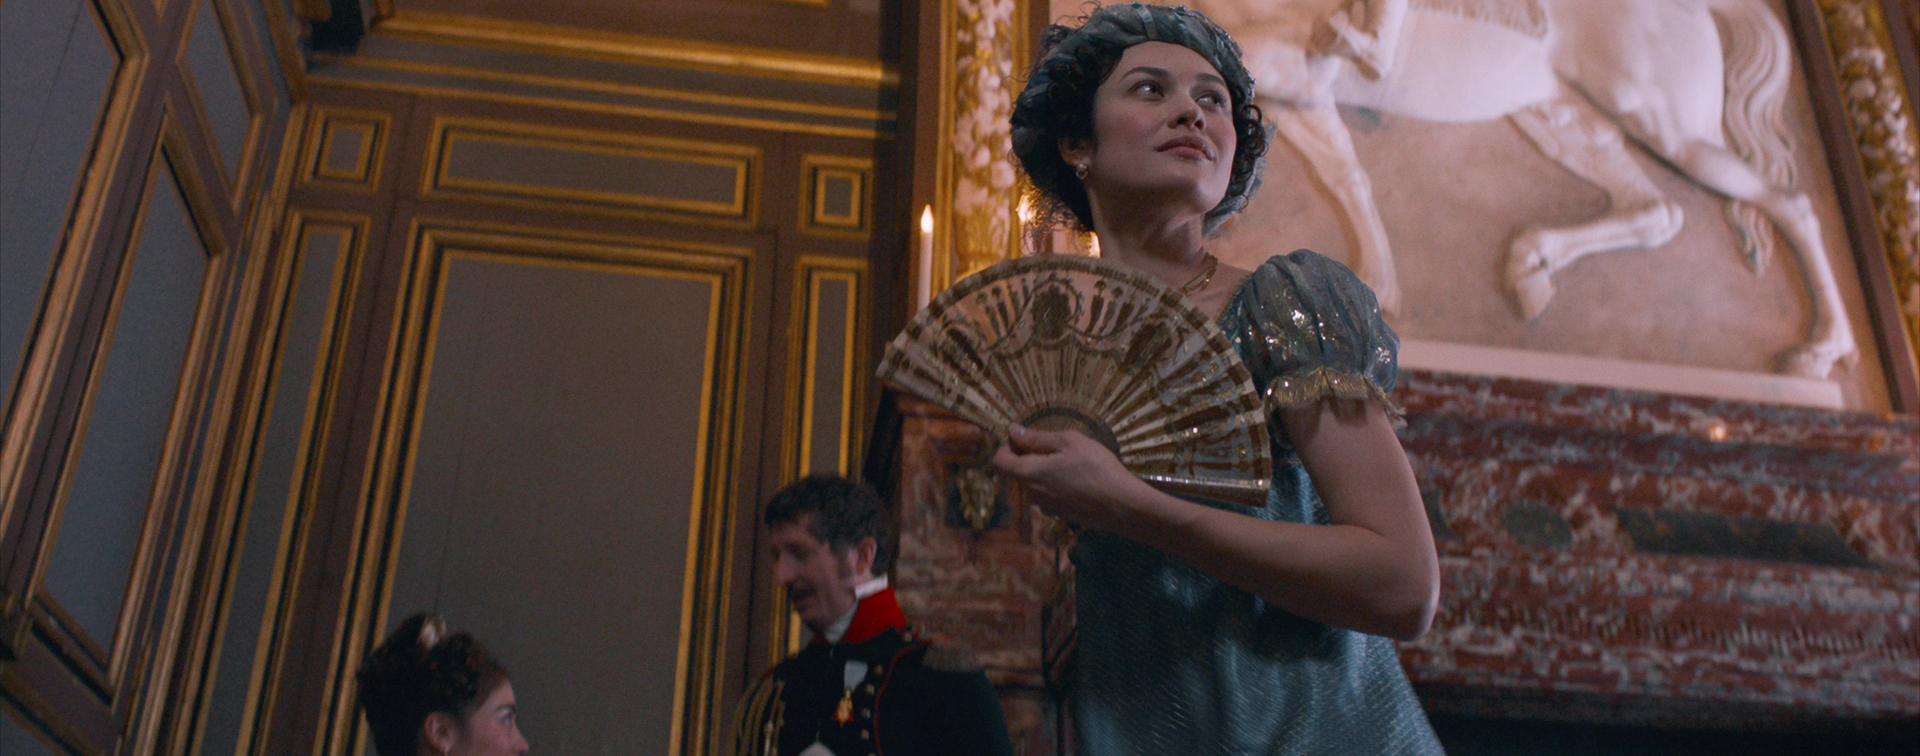 巴黎之王:闇黑正義